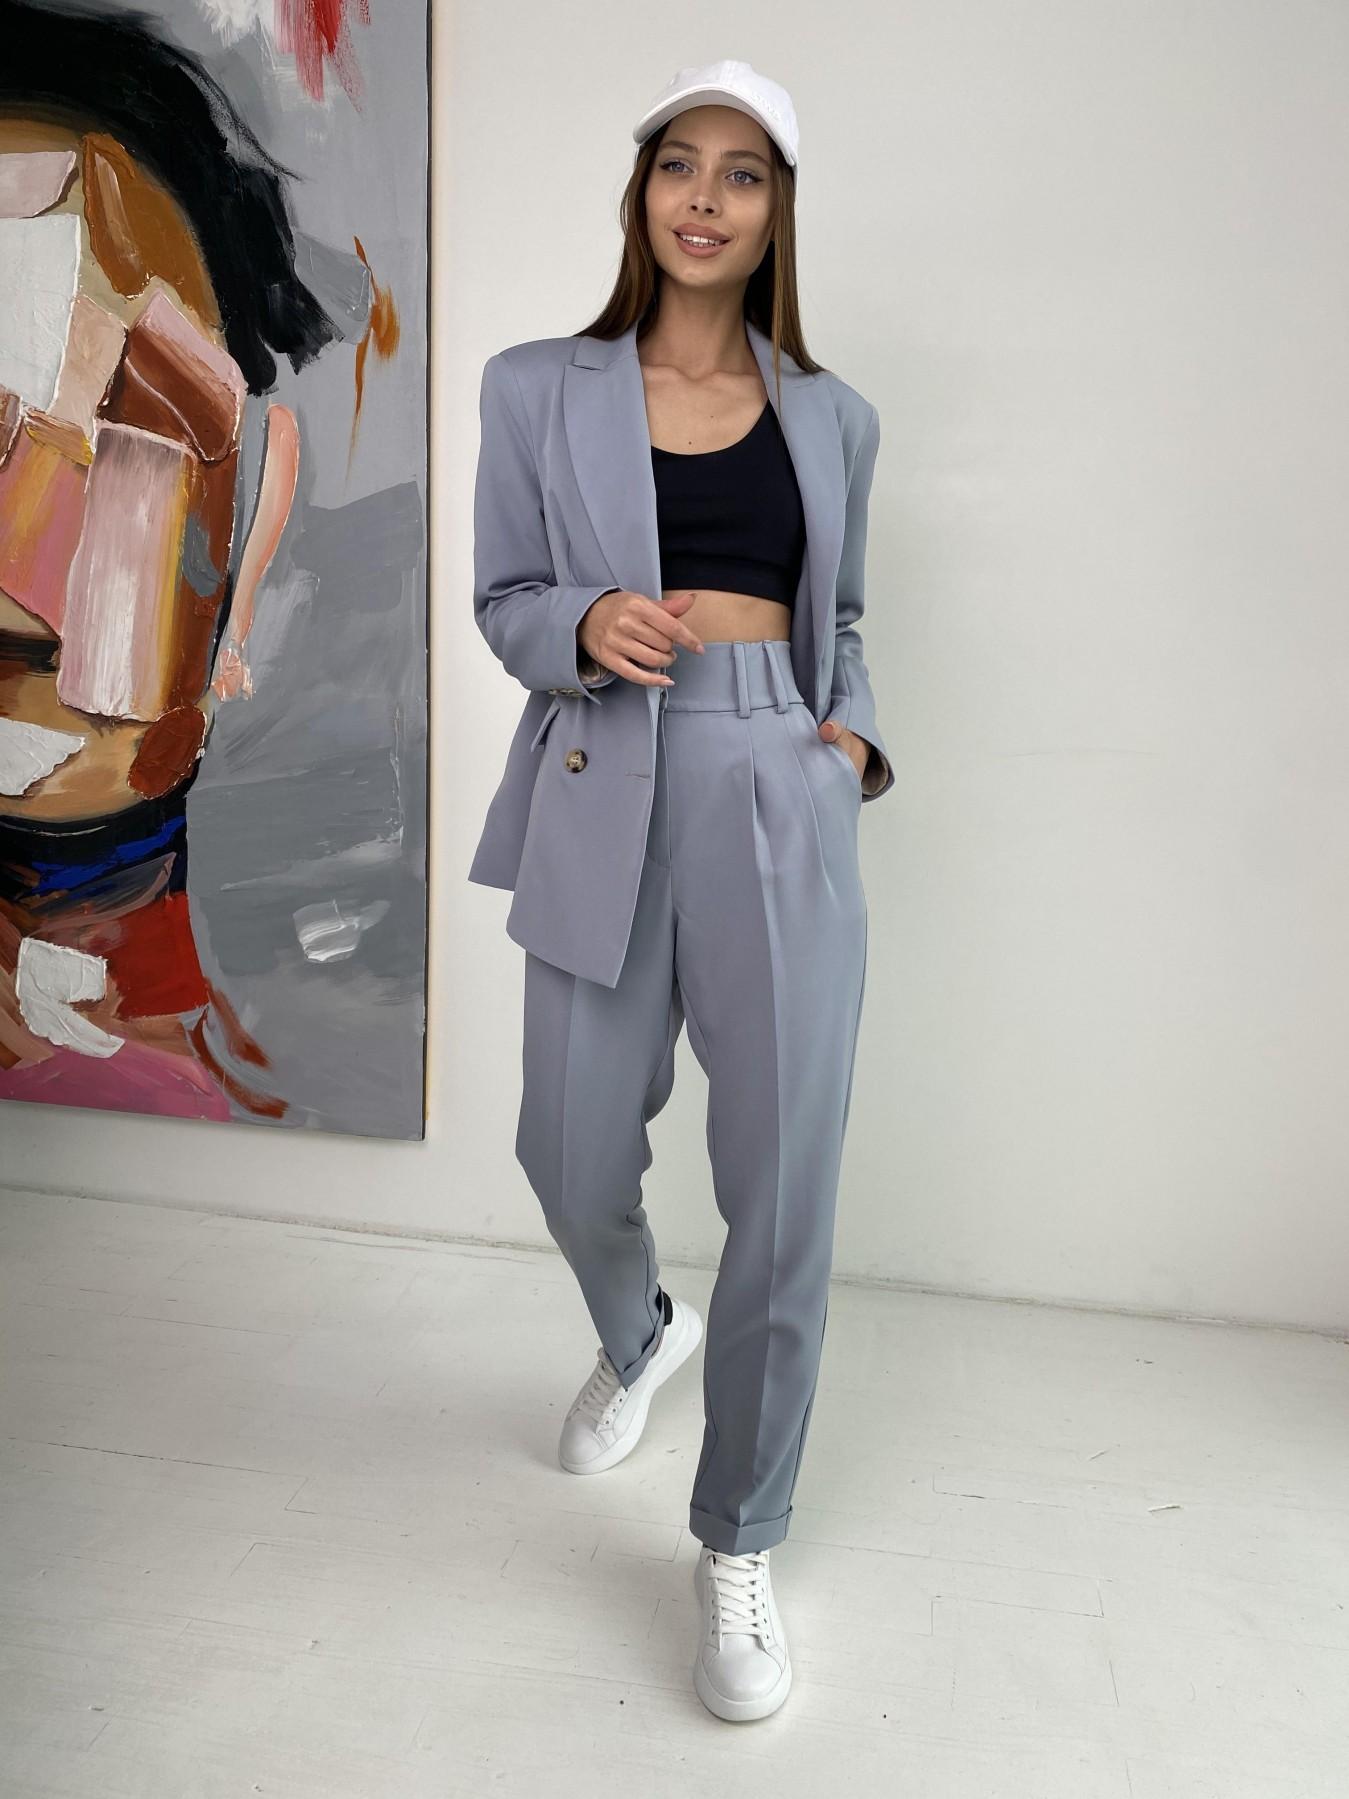 Франко костюм стрейчевый из костюмной ткани 11090 АРТ. 47971 Цвет: Серый - фото 7, интернет магазин tm-modus.ru